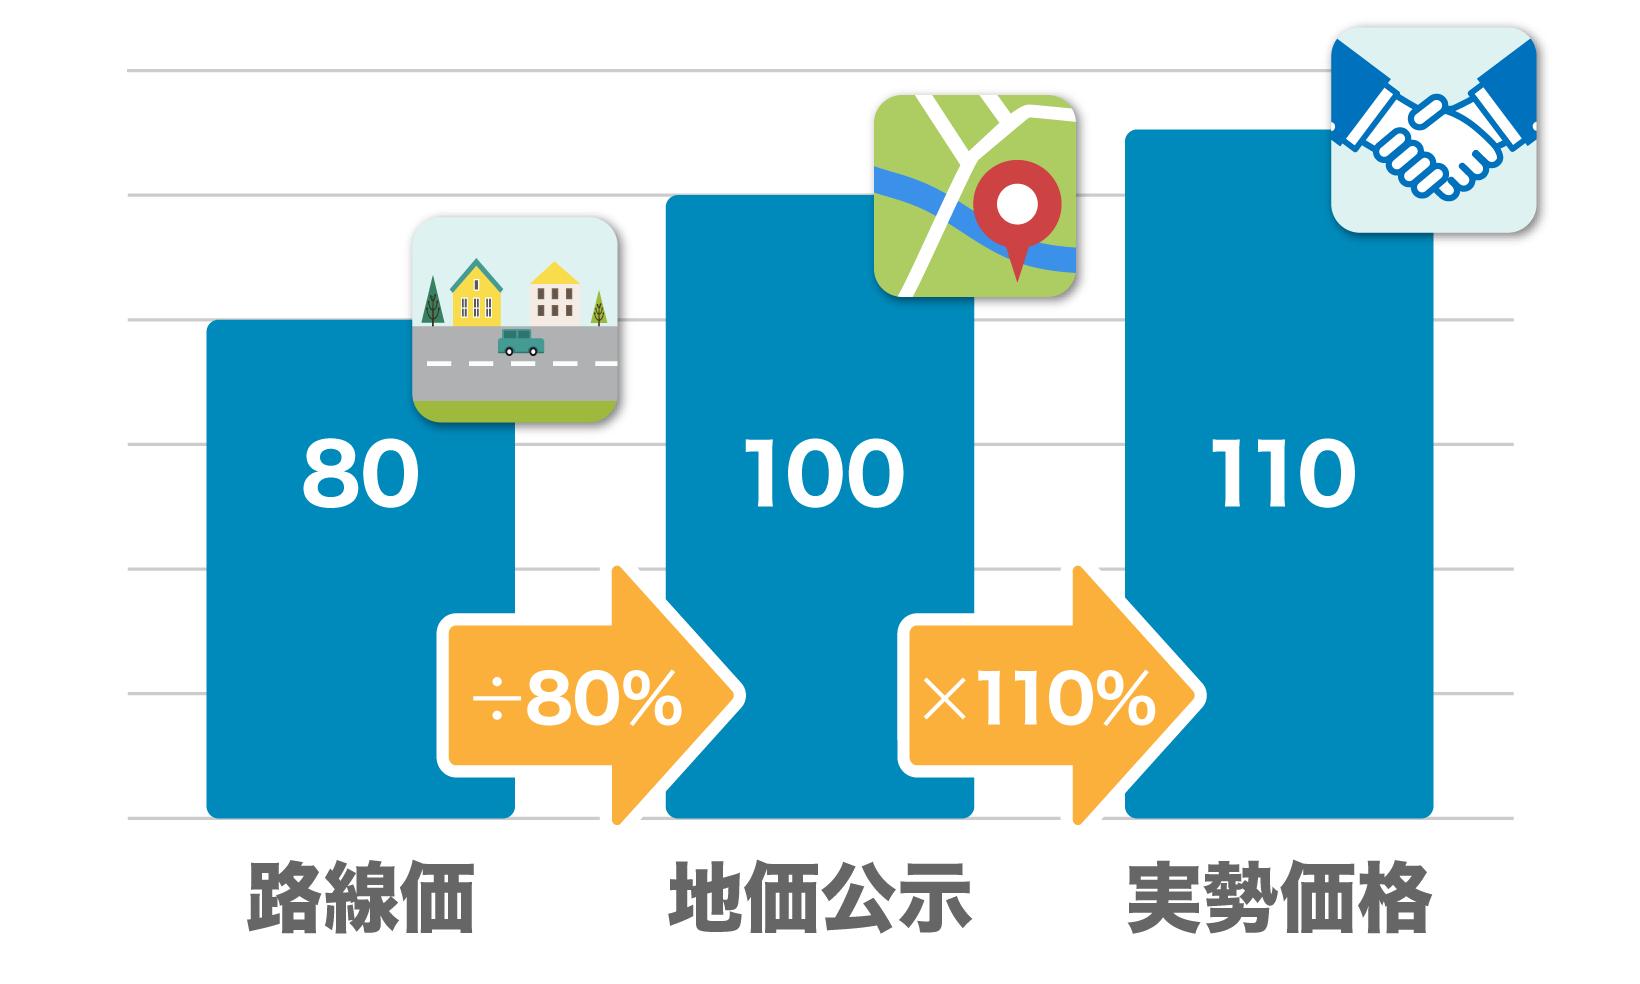 実勢価格=路線価÷80%×110%